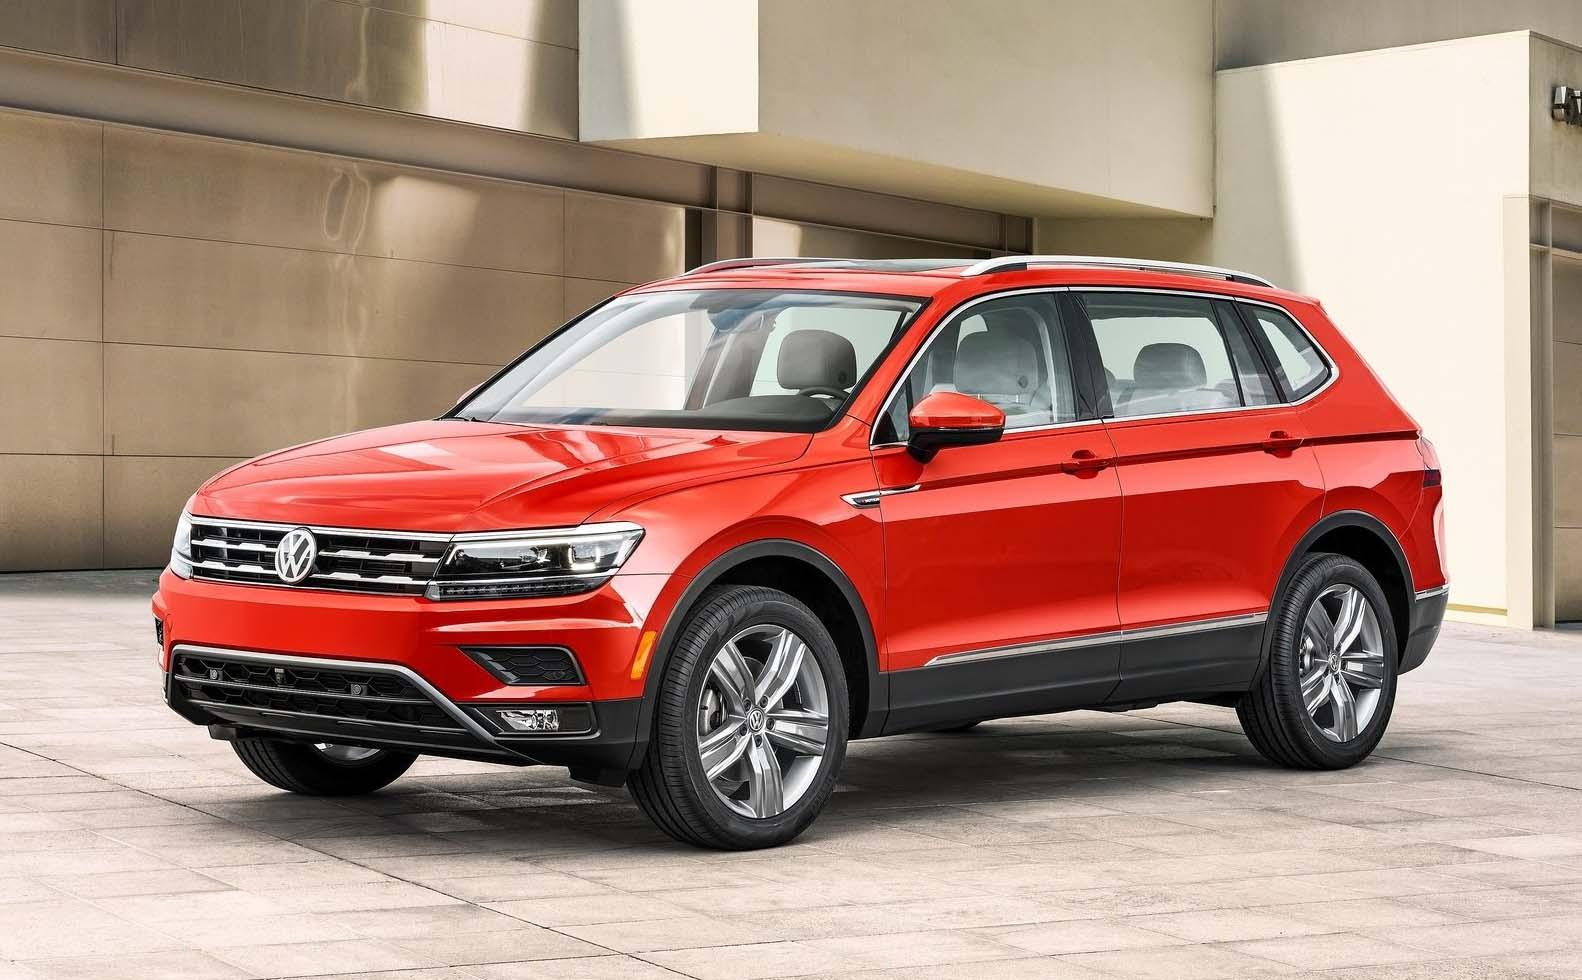 El siguiente auto que no debe faltar a la revisión es la Volkswagen Tiguan